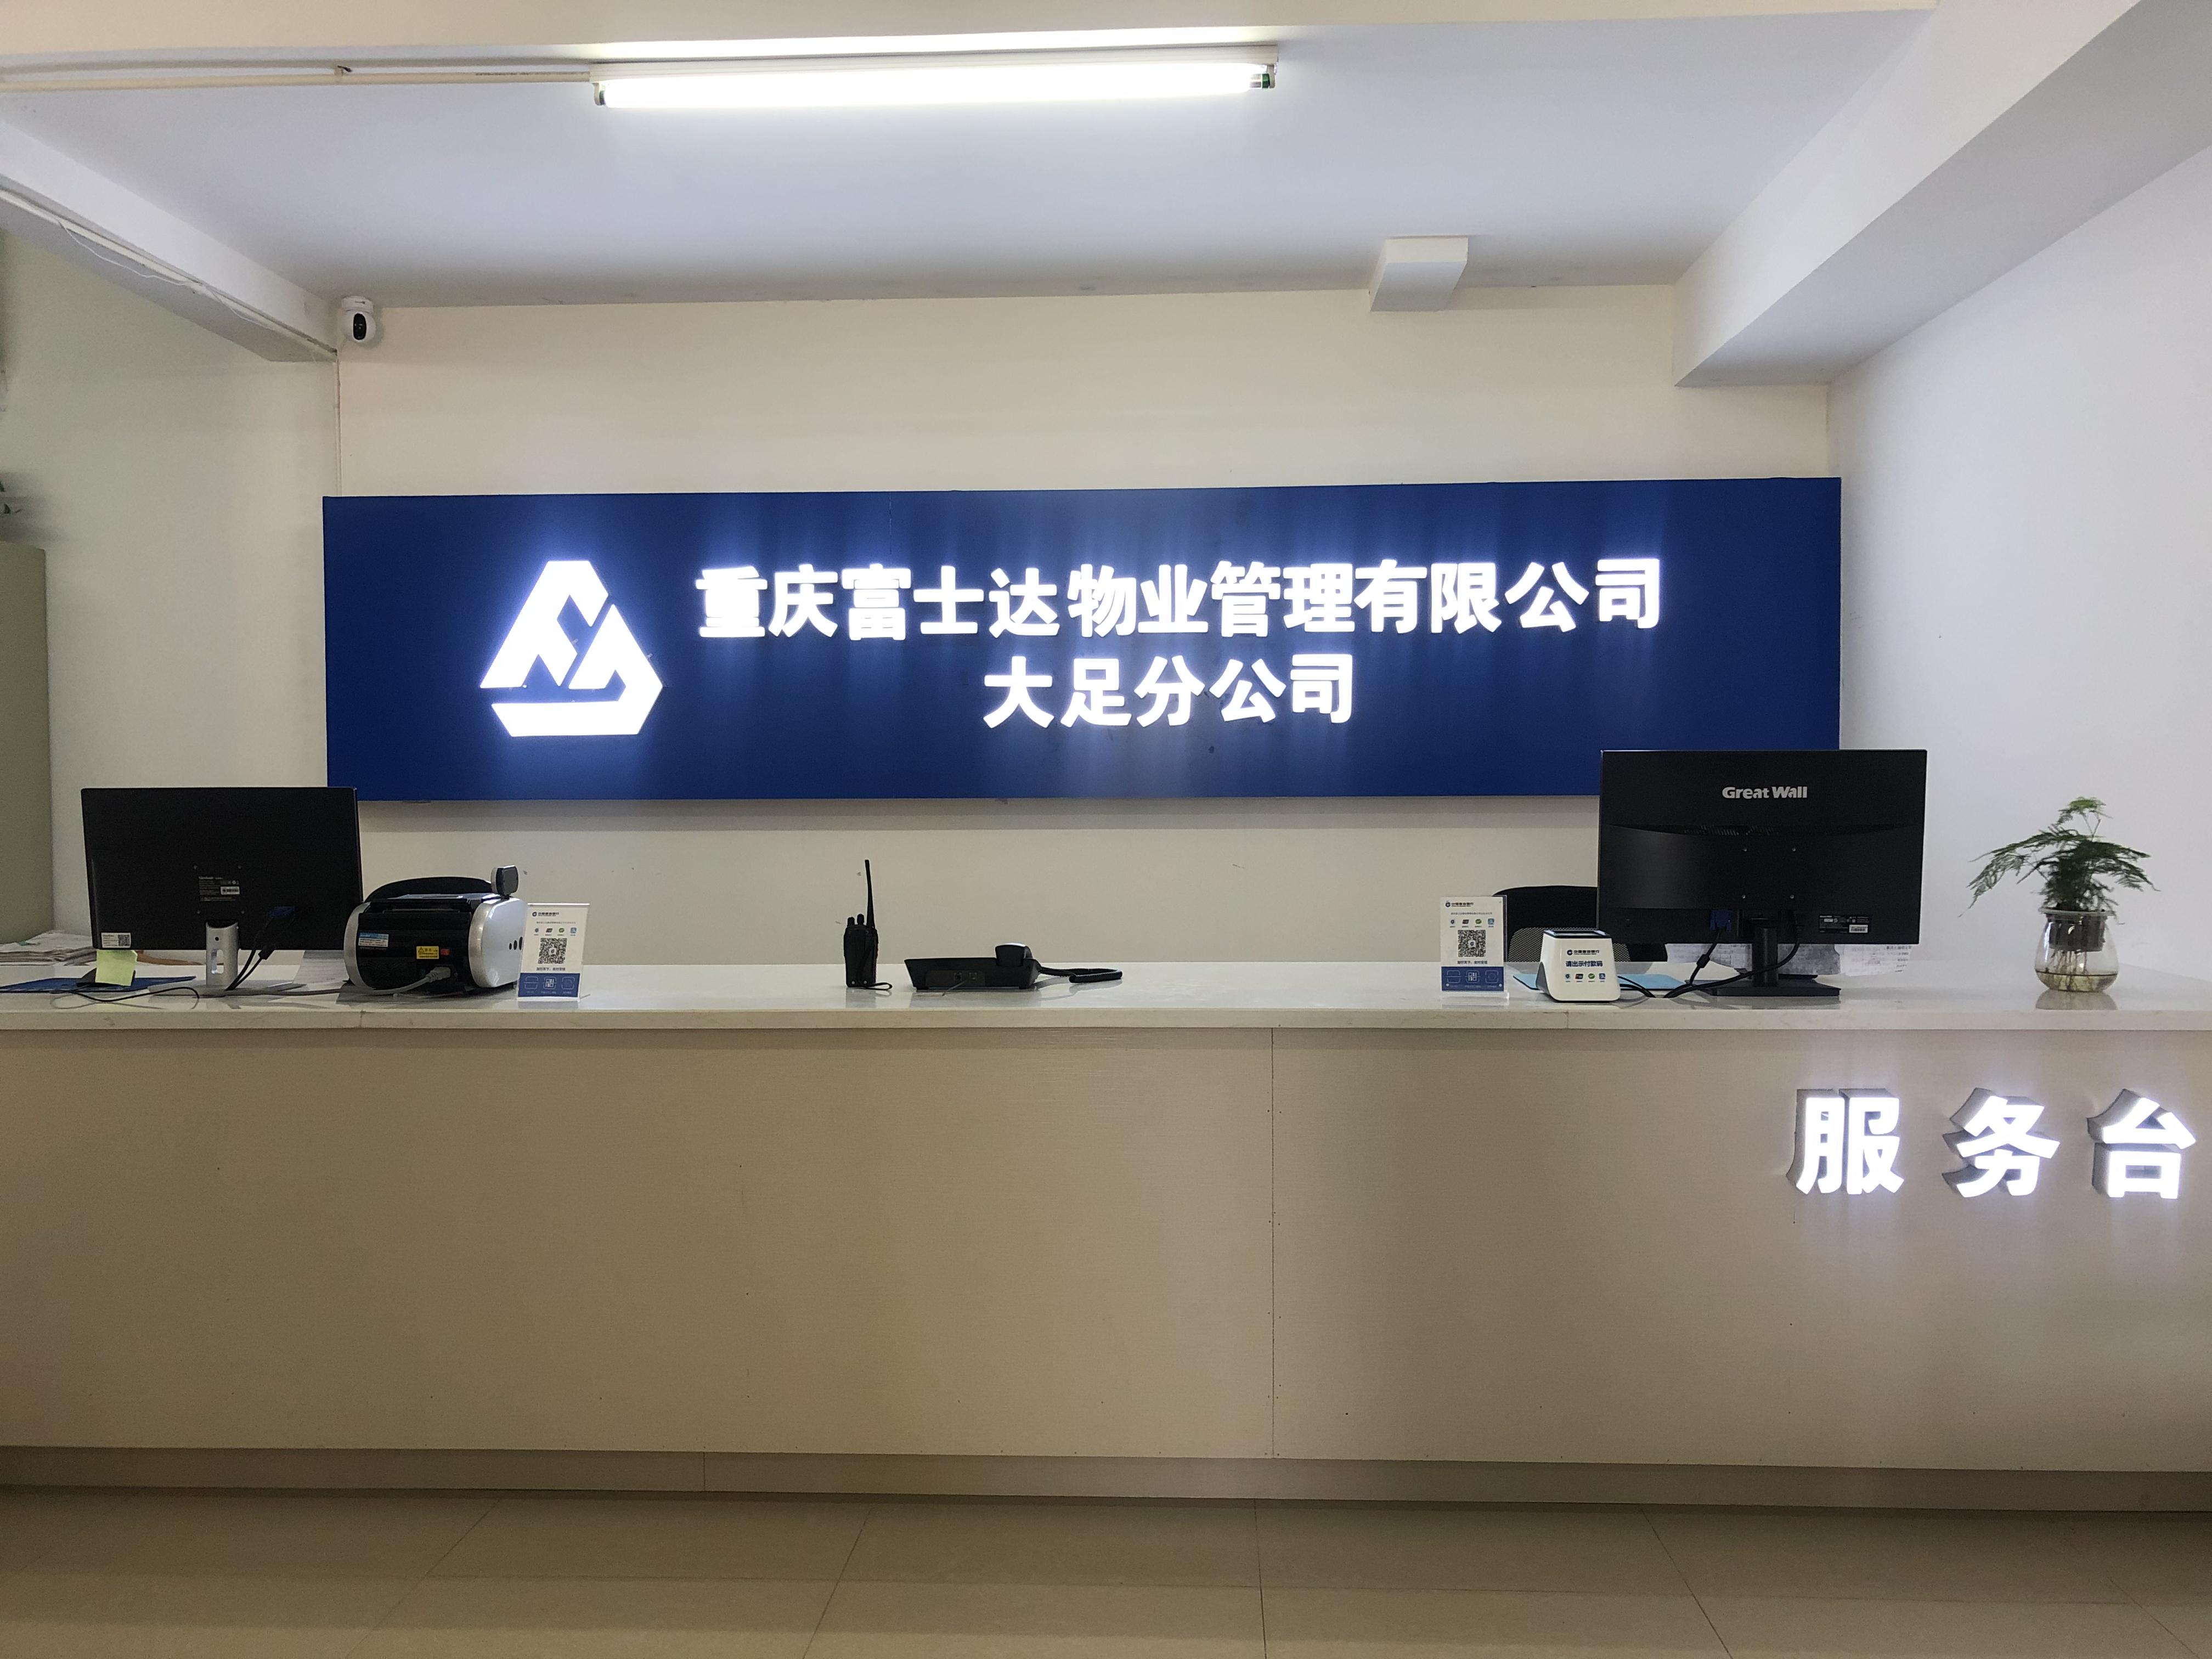 重庆富士达物业管理有限公司